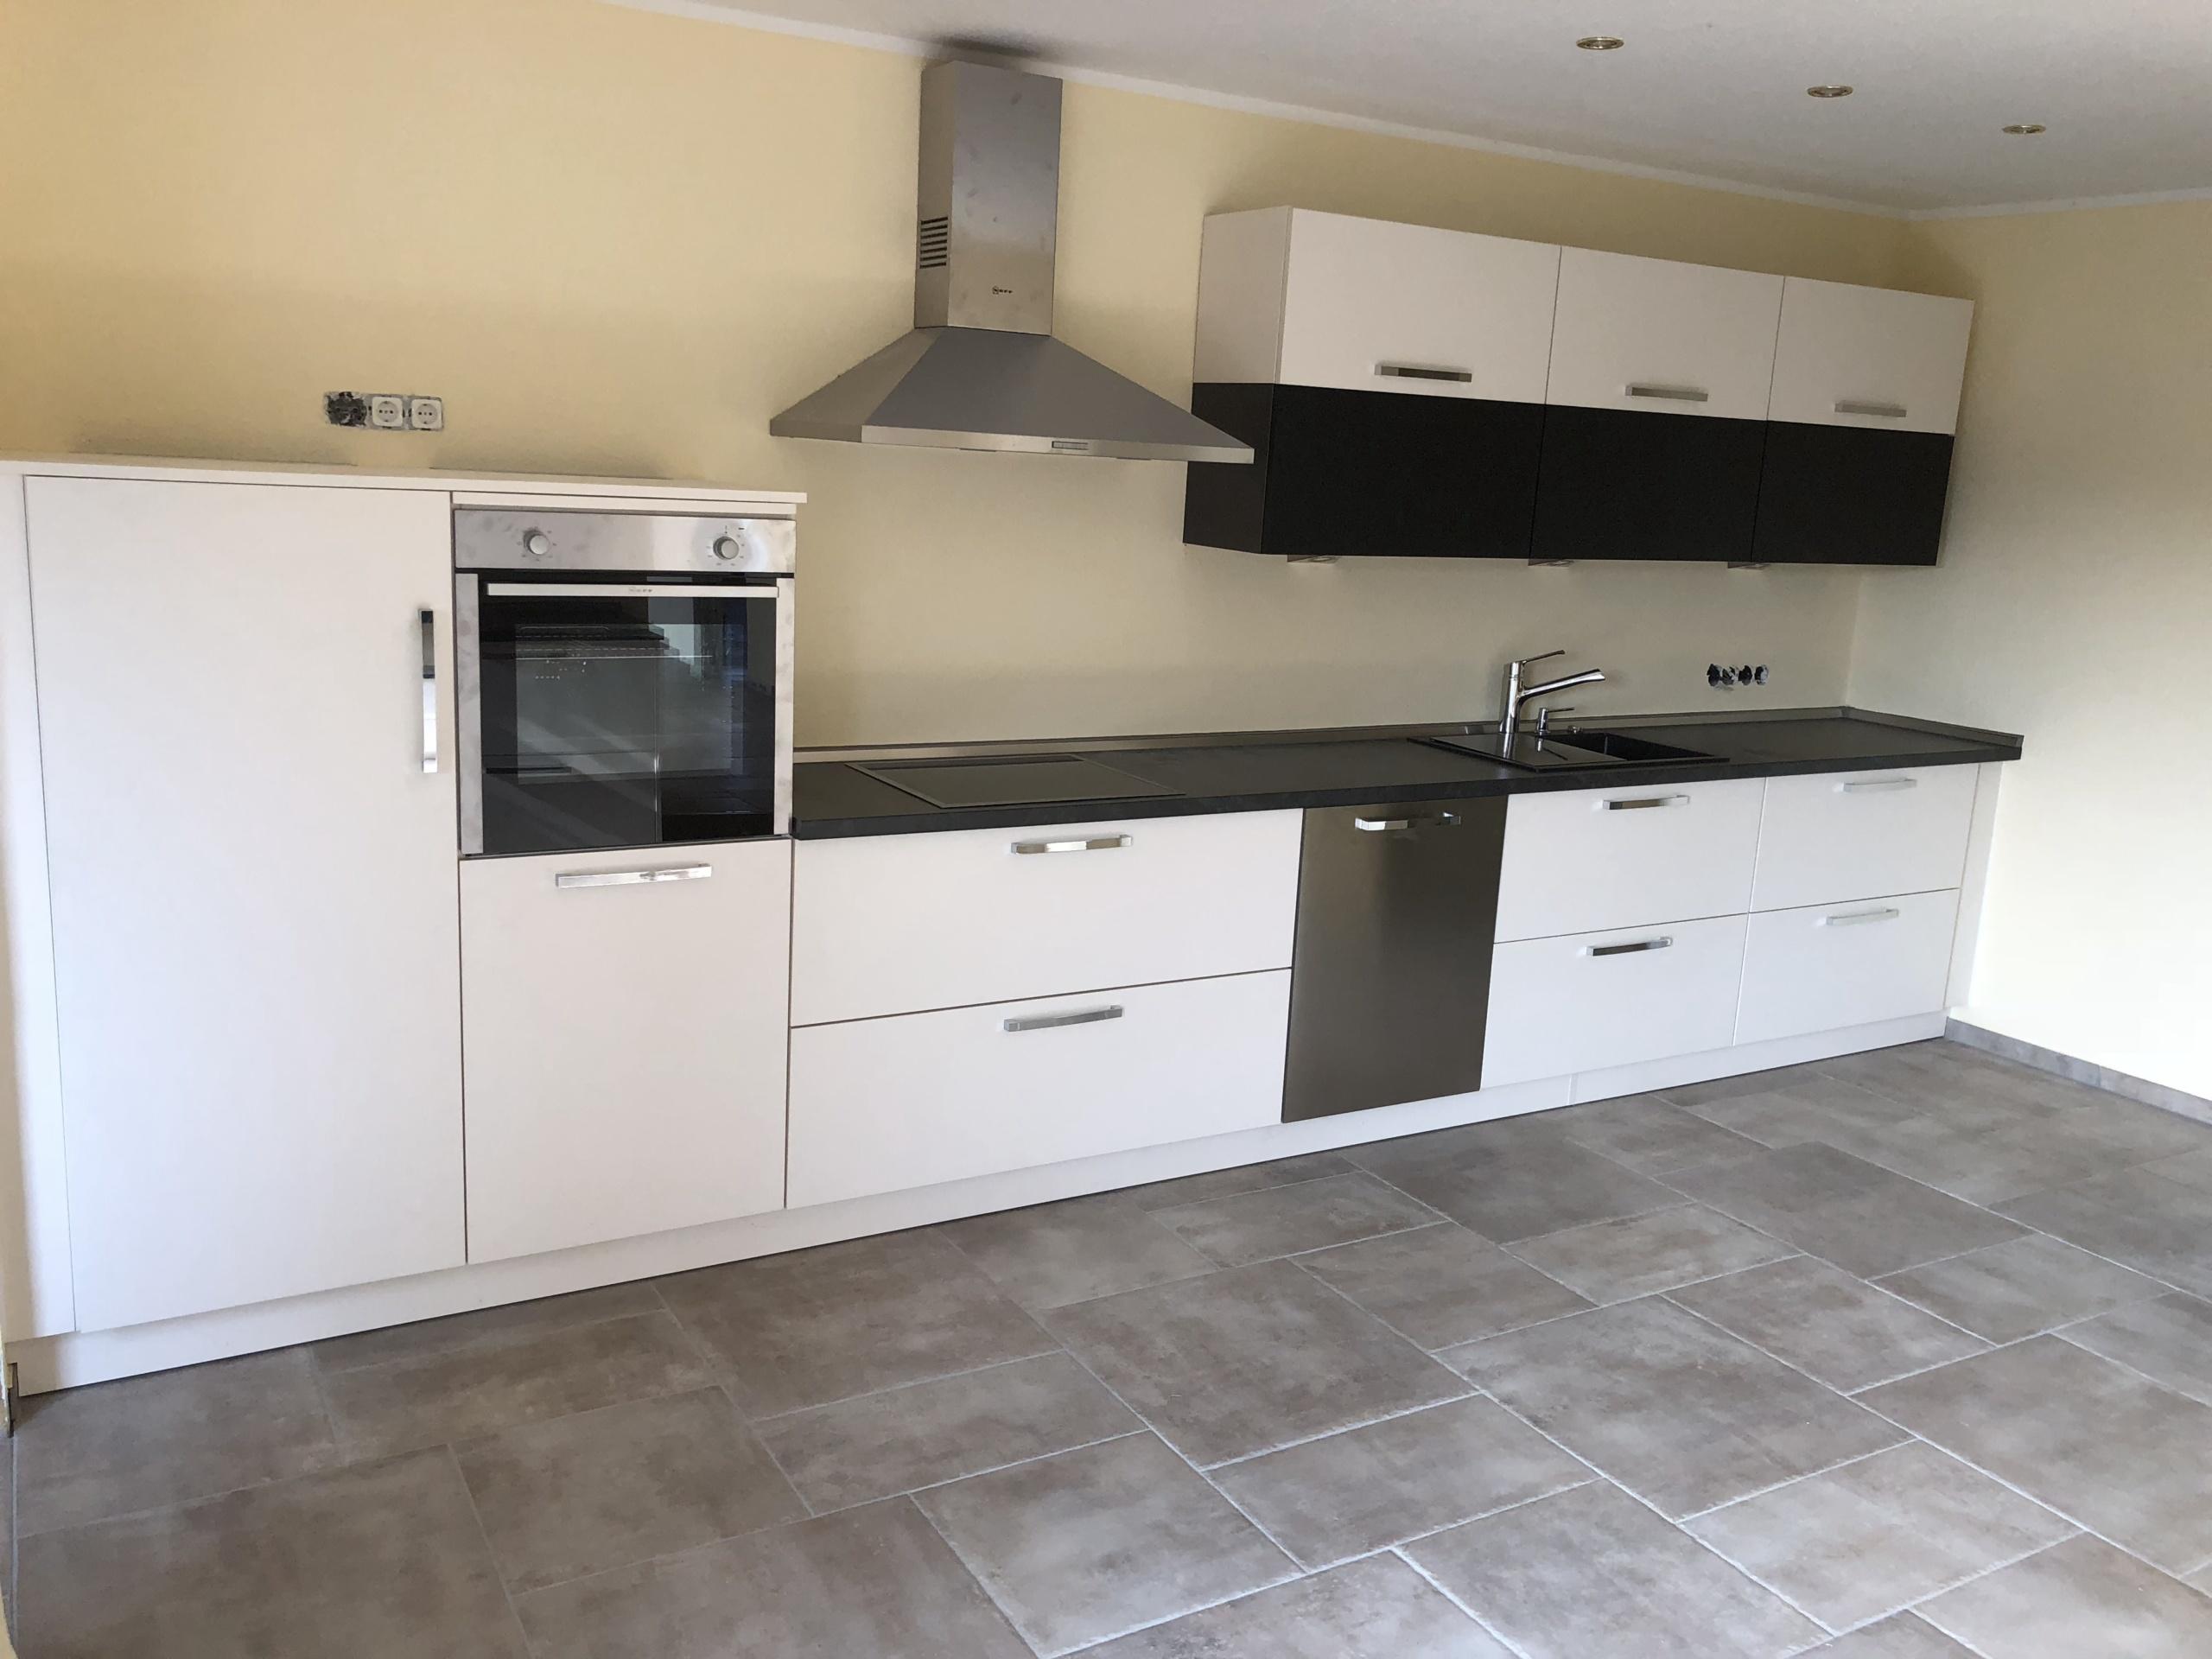 Küchenzeile-Ansicht-komplett